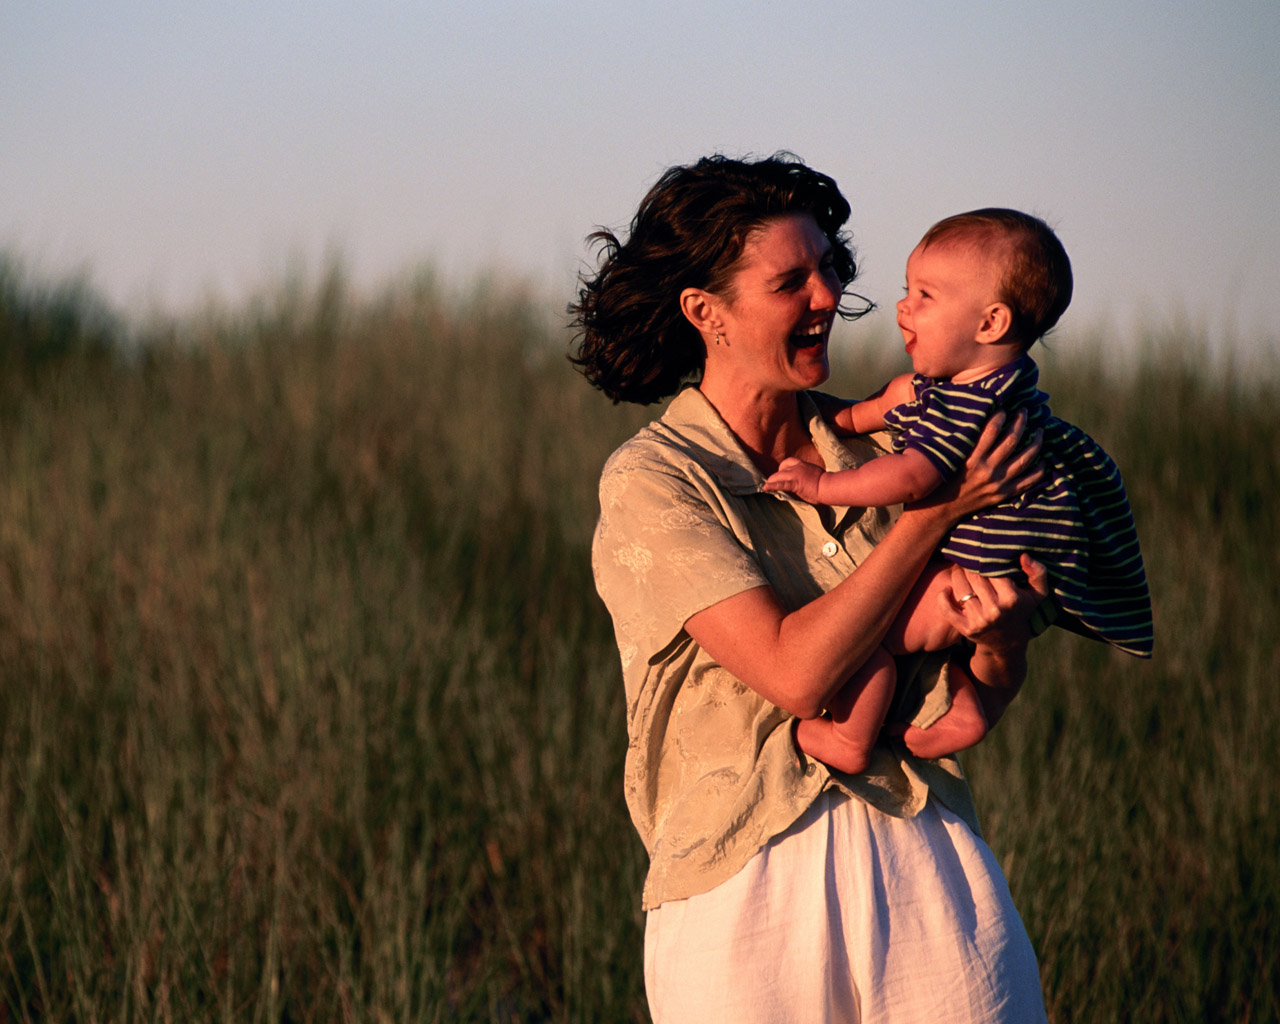 Художественное фото мамы с ребенком